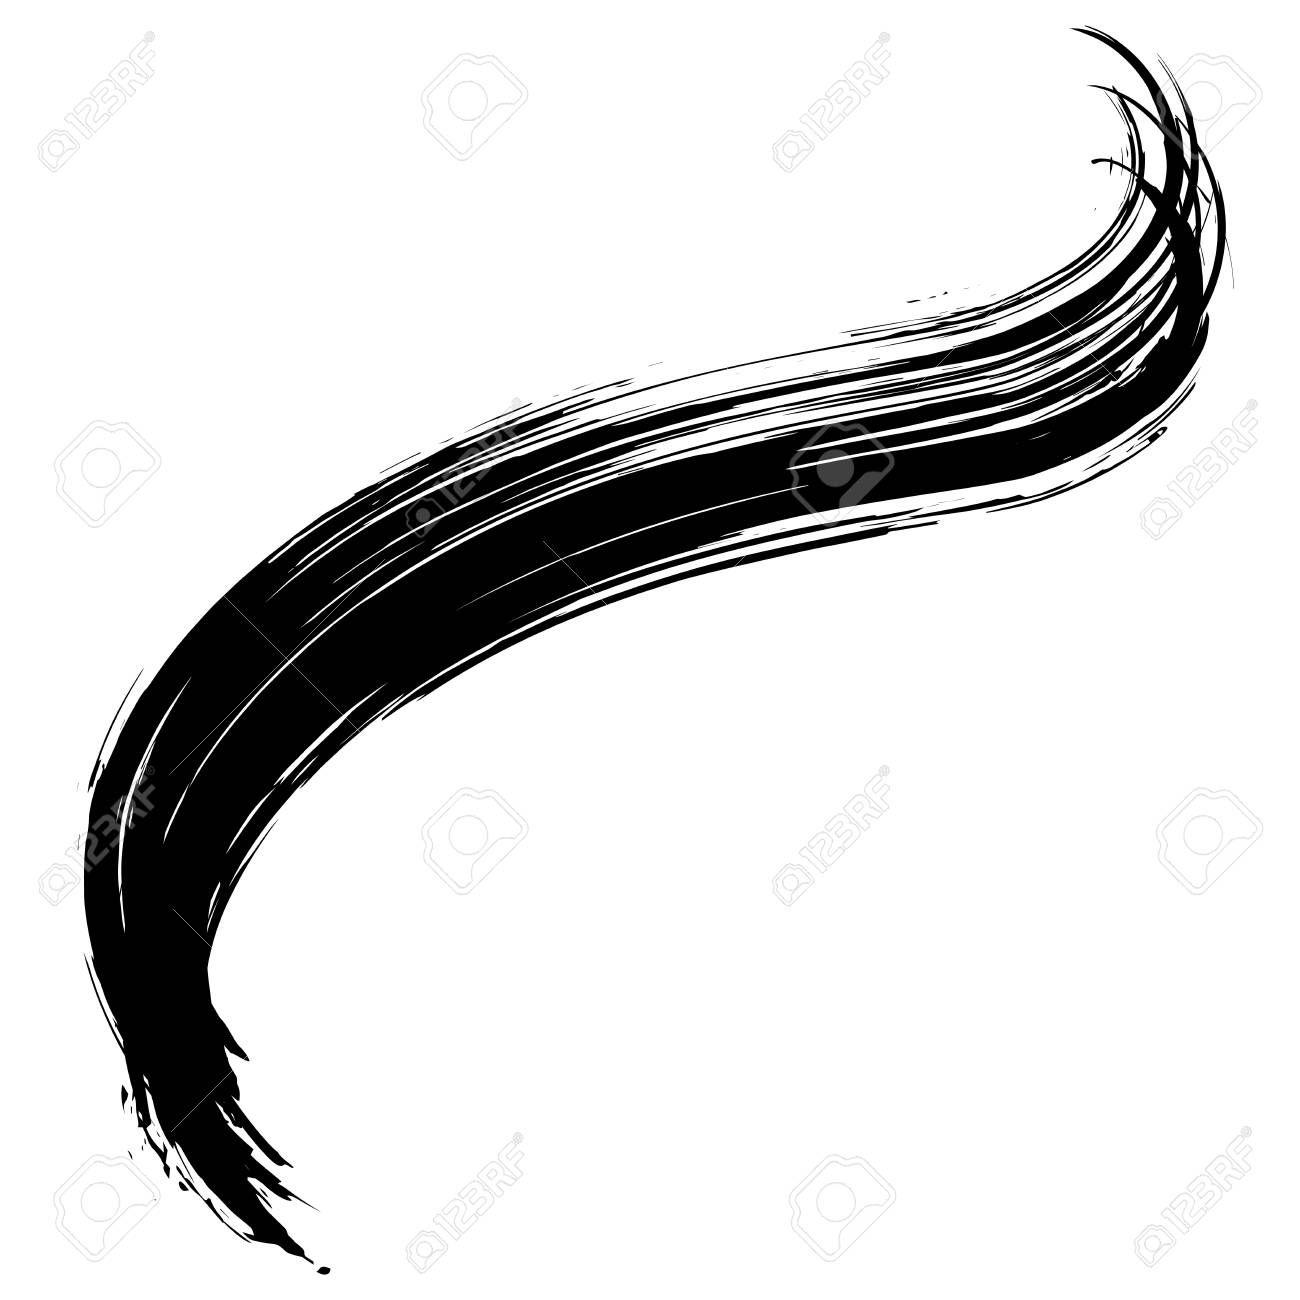 Grunge Hand Drawn Black Paint Brush Curved Brush Stroke Vector Brush Tattoo Brush Strokes Brush Stroke Vector